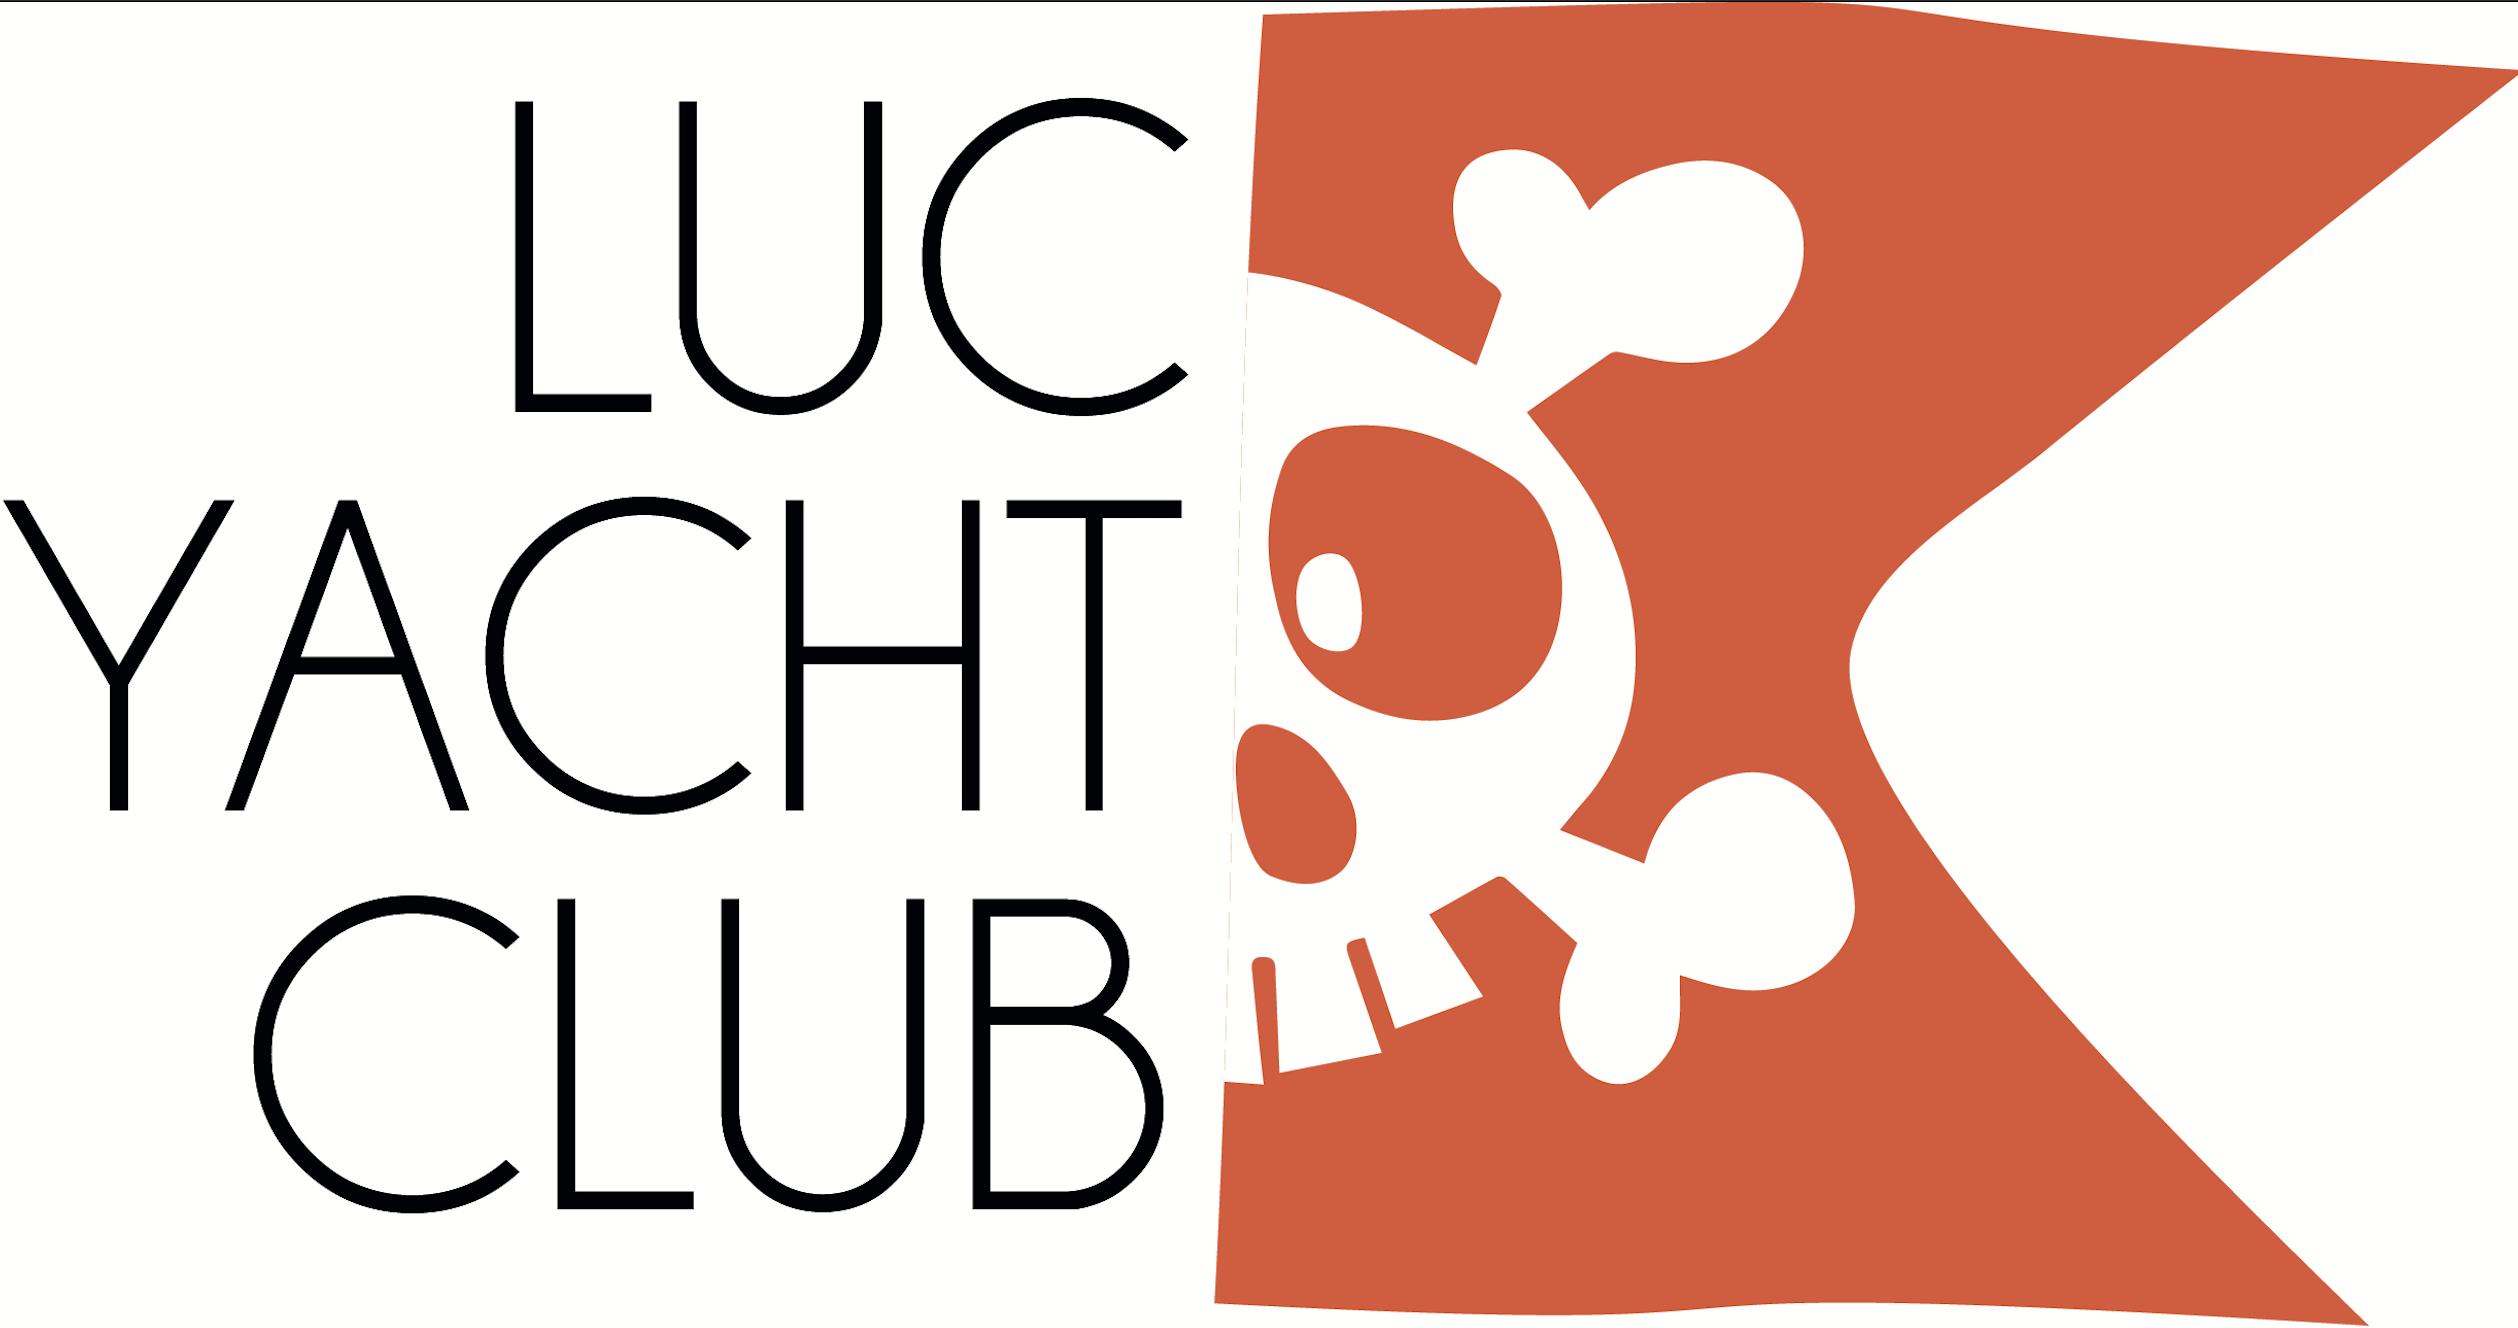 Luc Yacht Club - Ecole de voile et d'environnement maritime de Luc sur mer